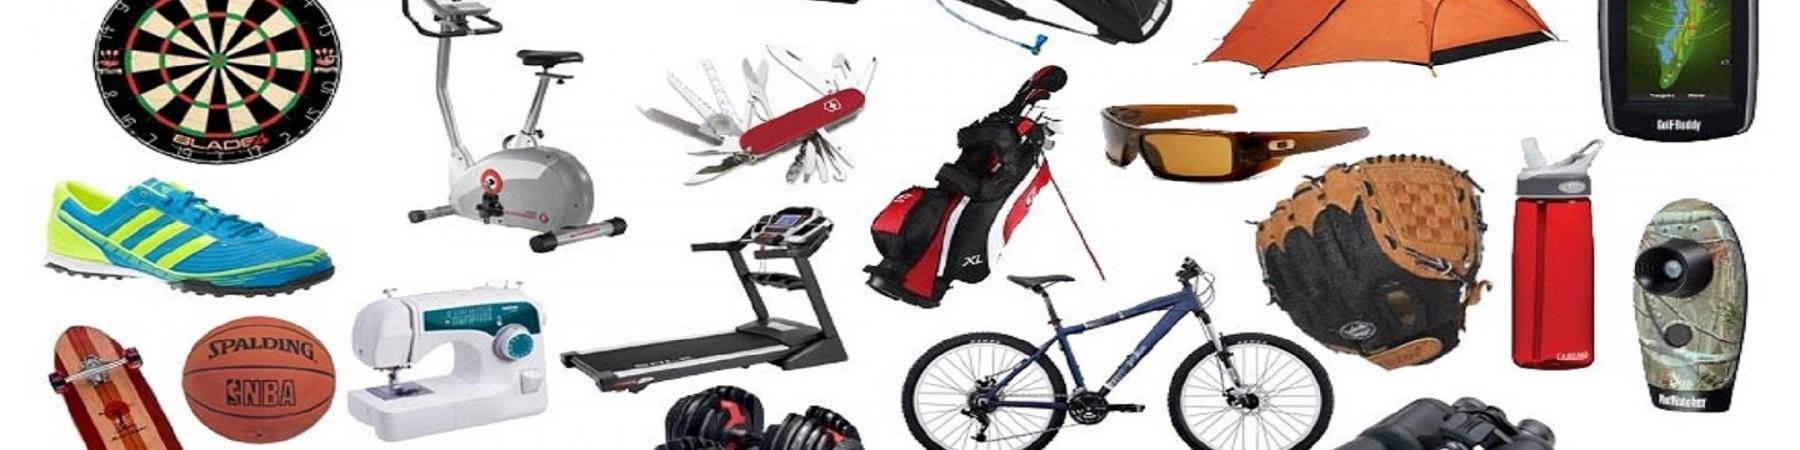 Đồ dùng, Thiết bị, Dụng cụ thể dục, thể thao và đi Du lịch, dã ngoại